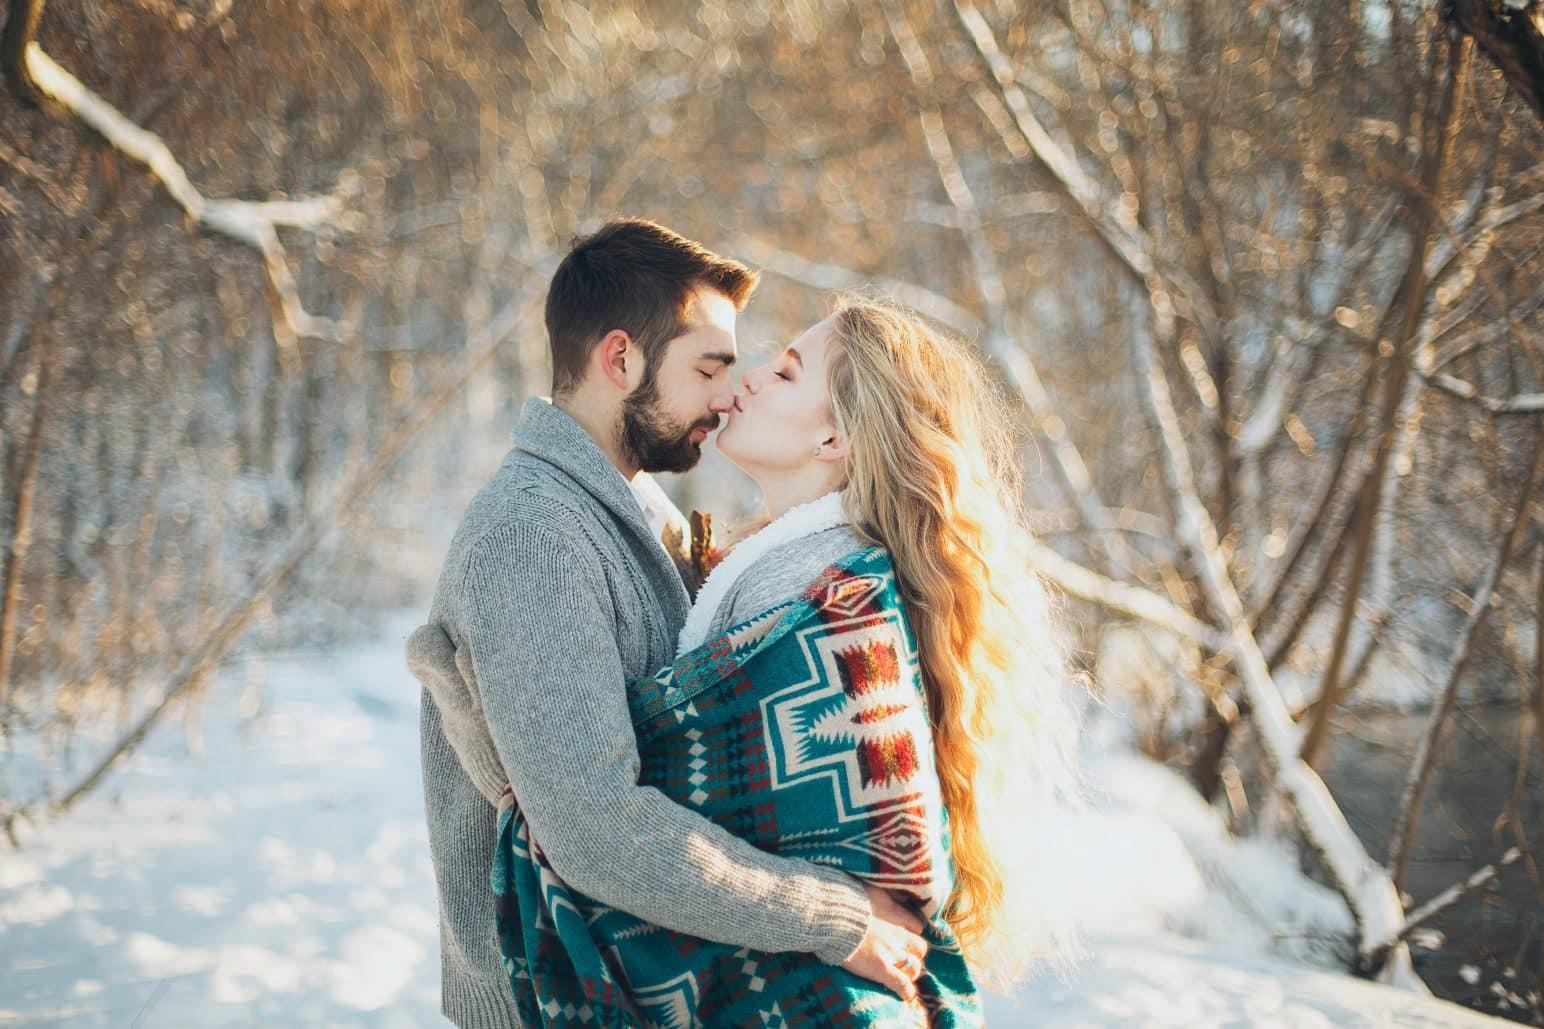 142 Cosas Para Hacer En Pareja Disfruta Con Amor En 2019